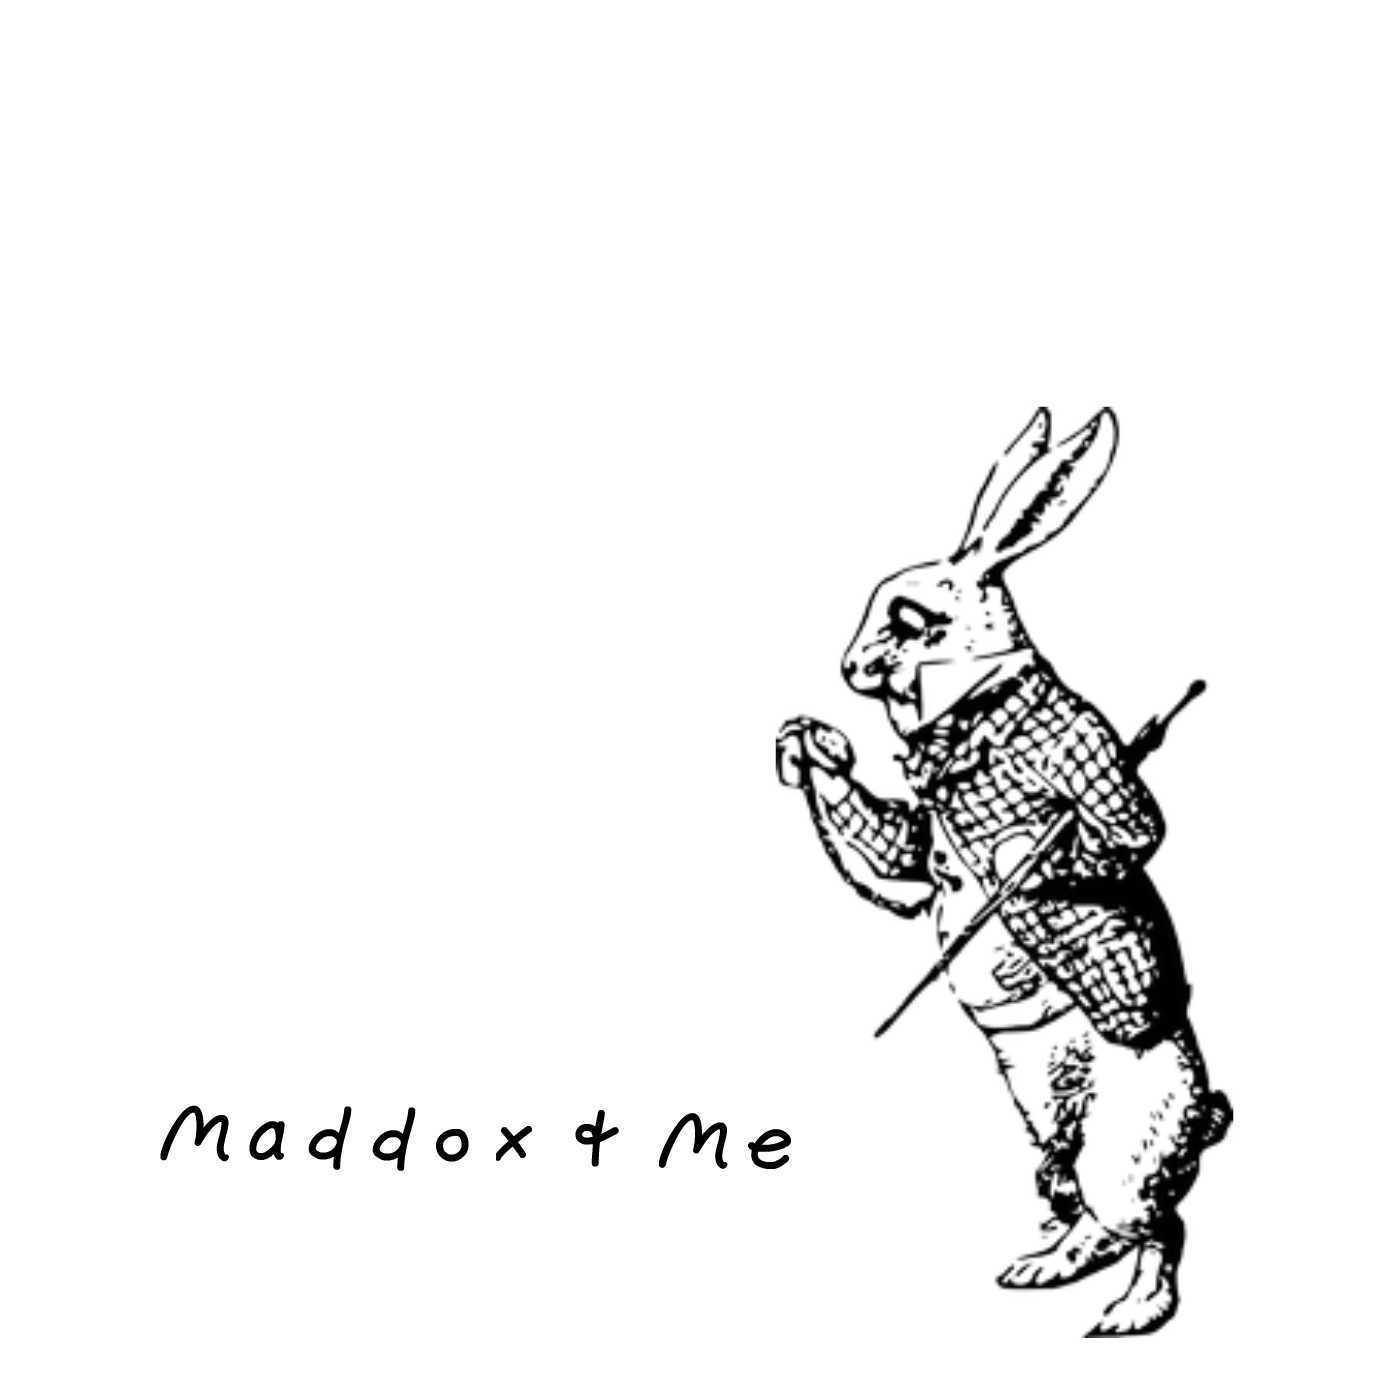 Maddox & Me